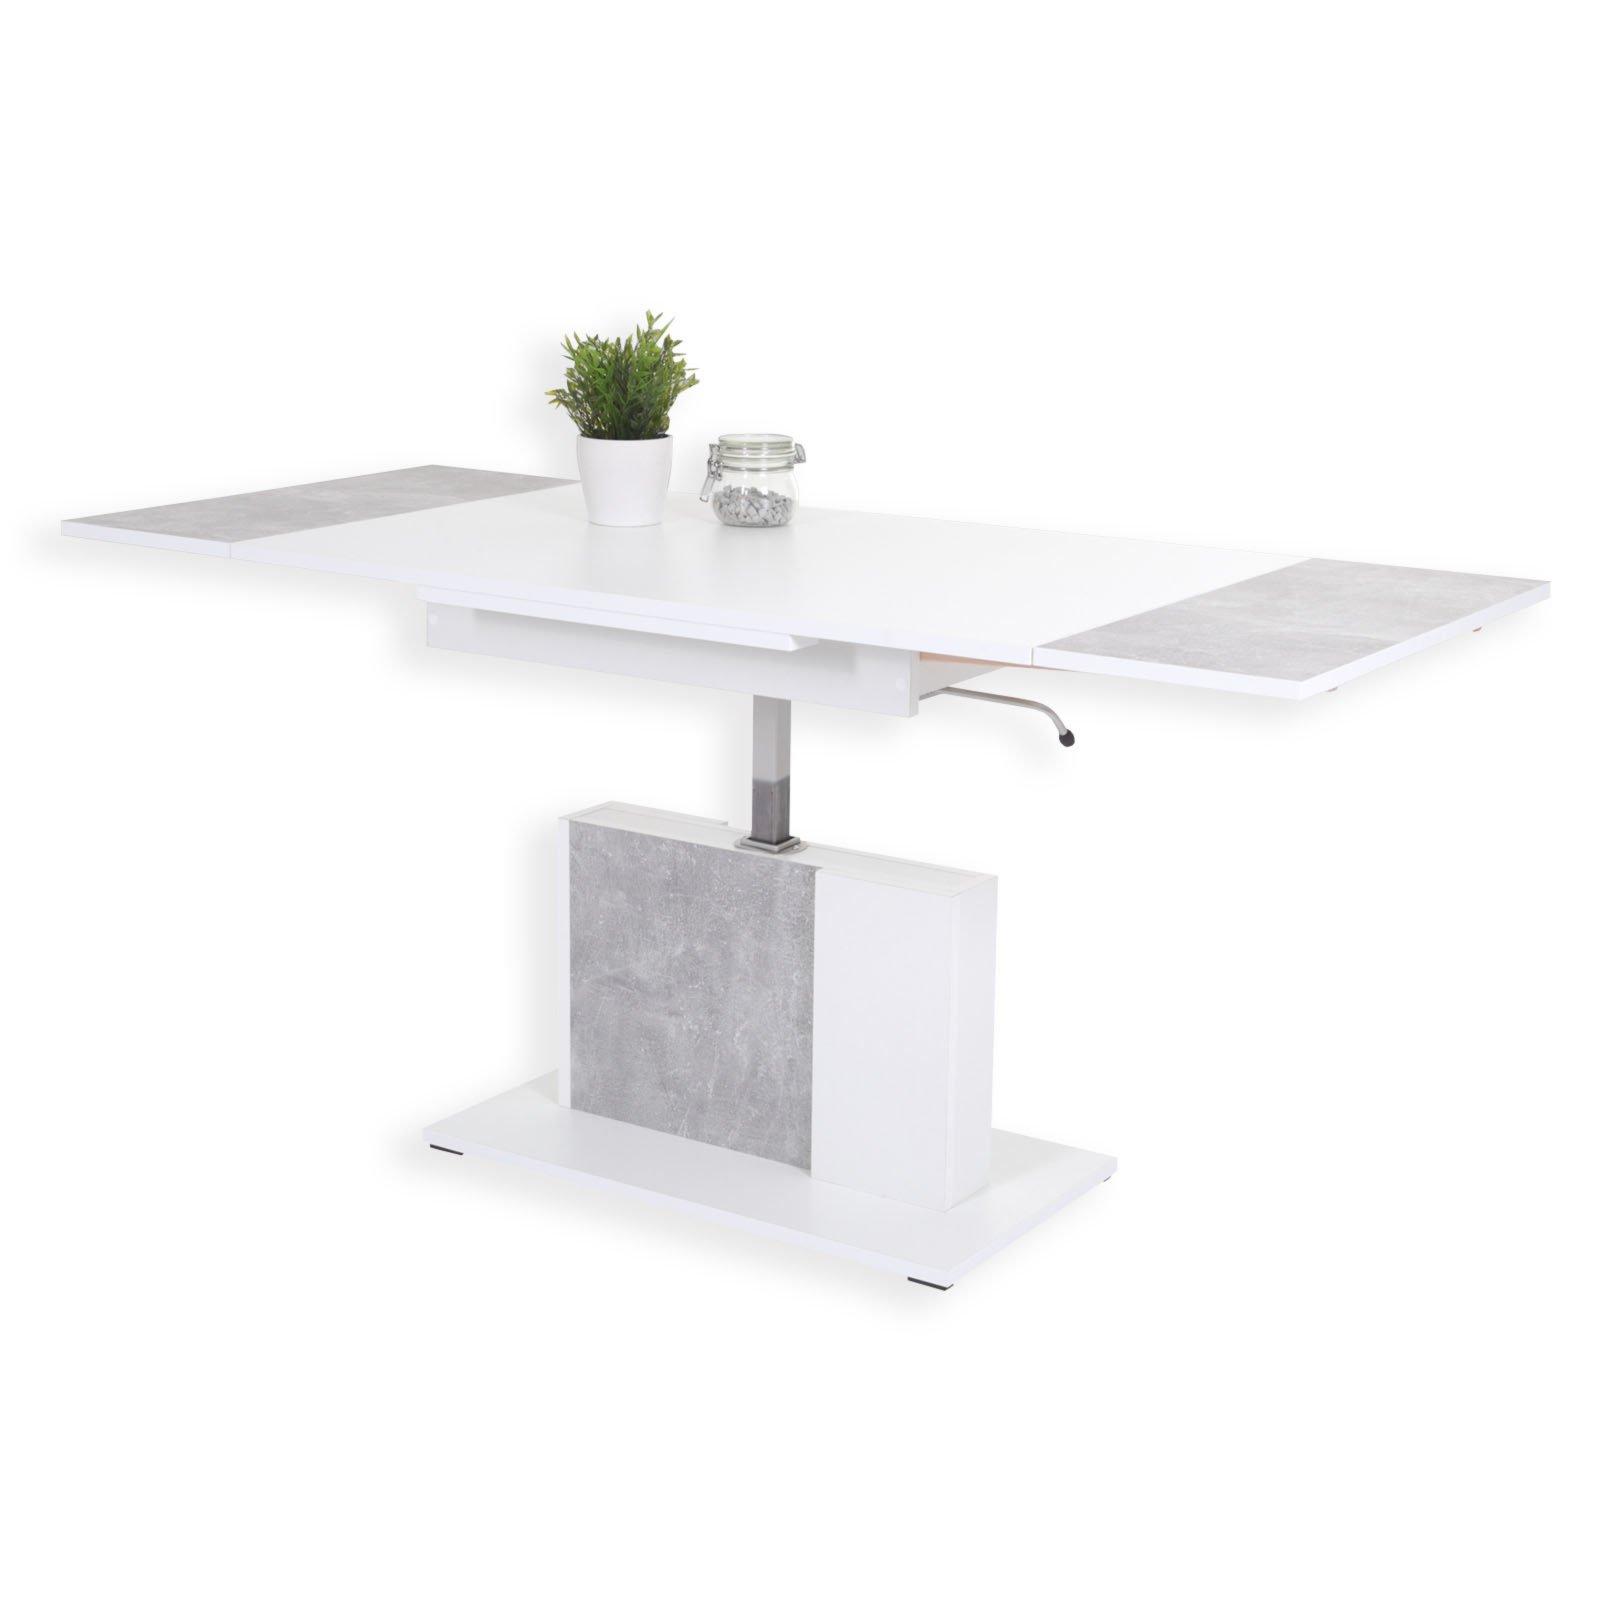 couchtisch linus wei betonoptik h henverstellbar ausziehbar ebay. Black Bedroom Furniture Sets. Home Design Ideas